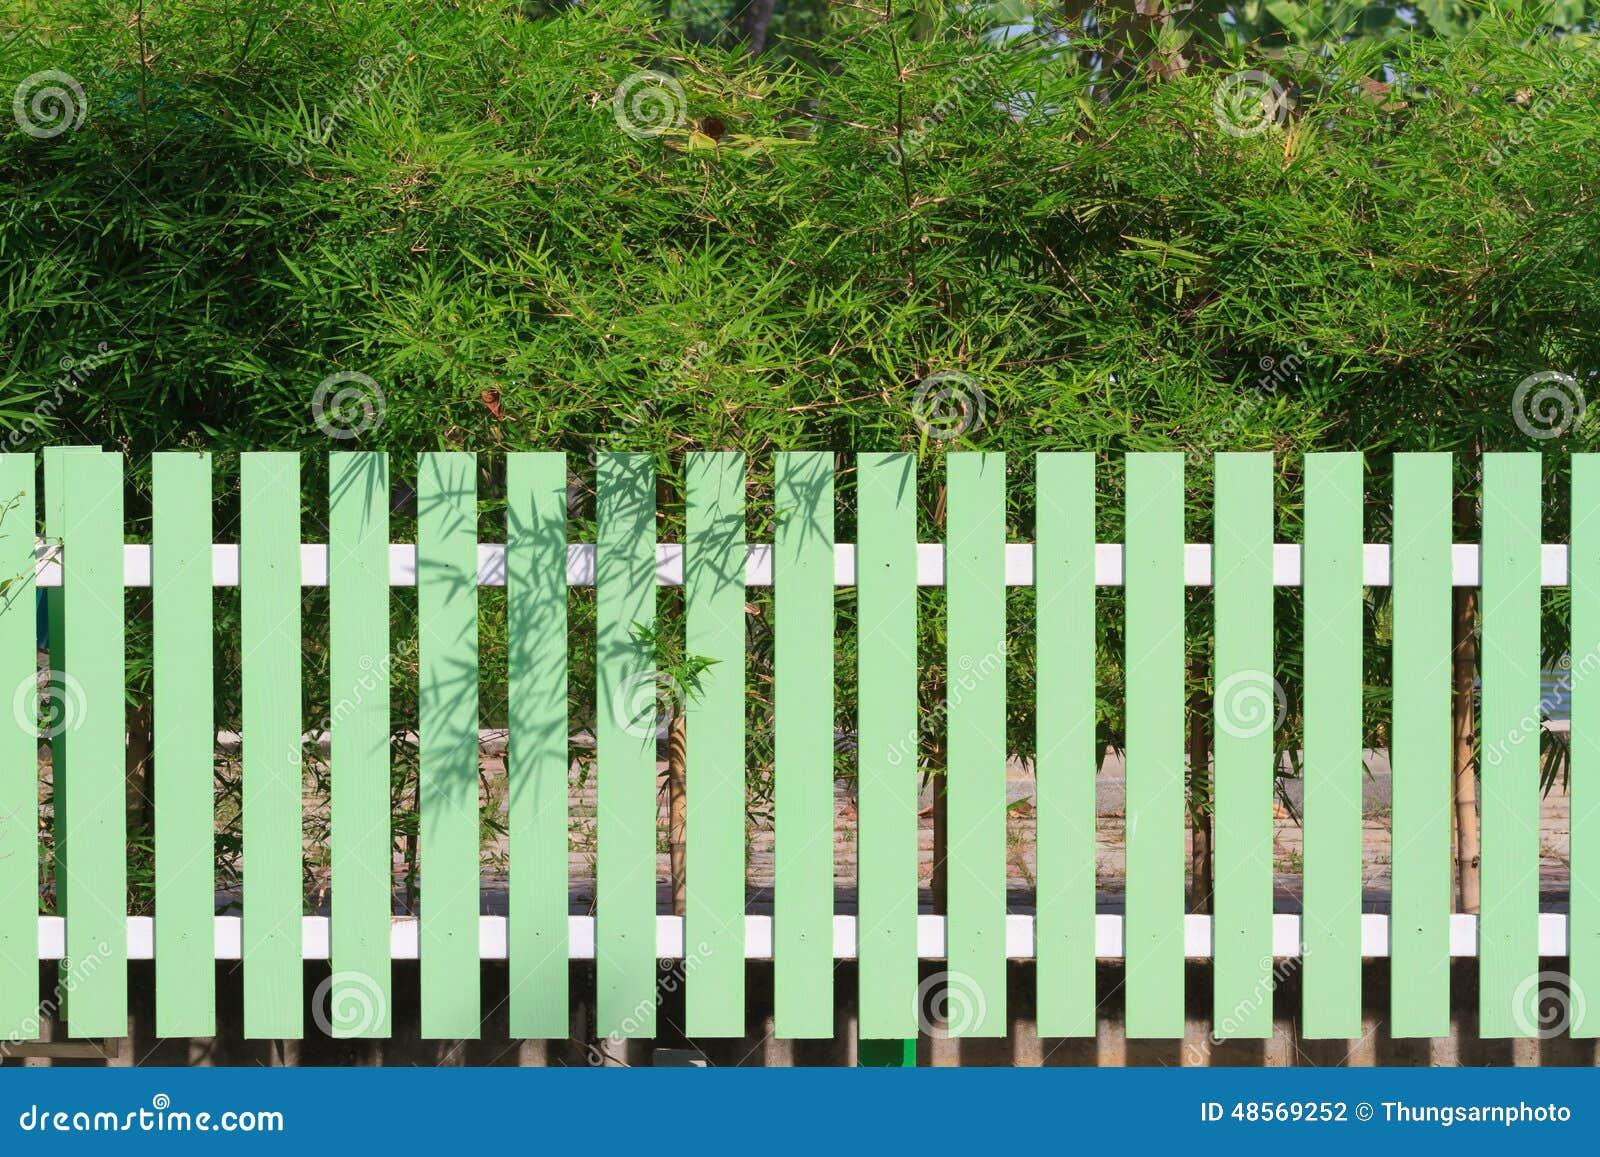 Grüner Zaun Und Bambusbaum Stockfoto Bild